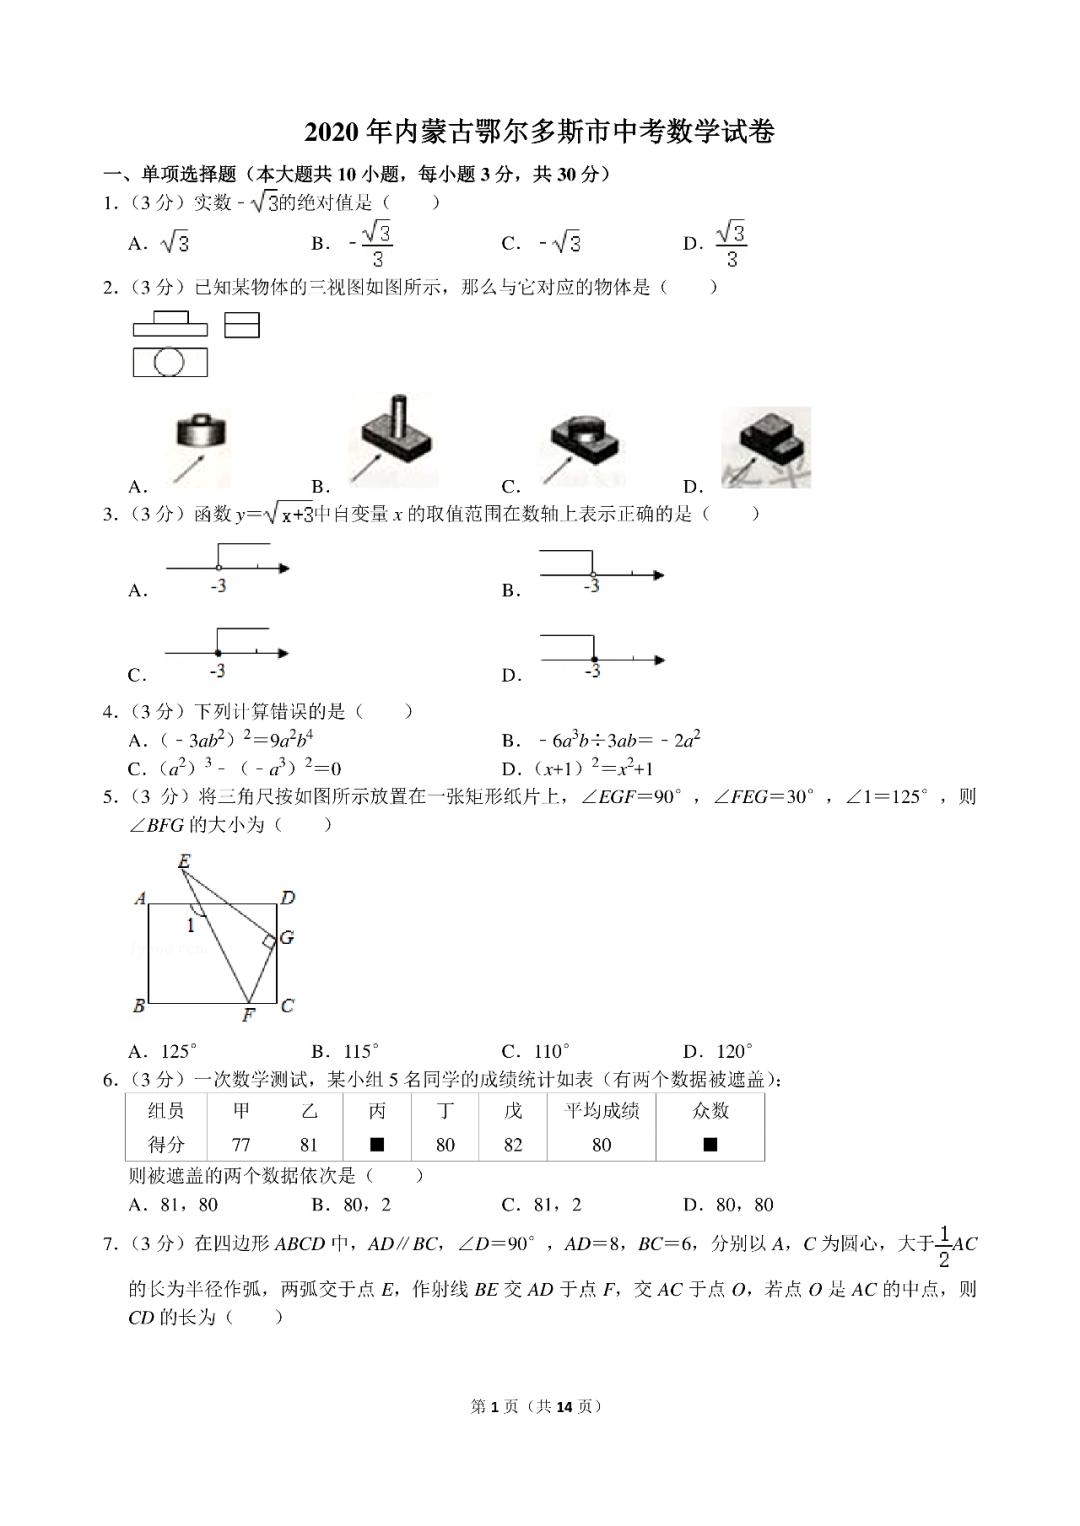 2020鄂尔多斯中考数学试题答案(图片版)